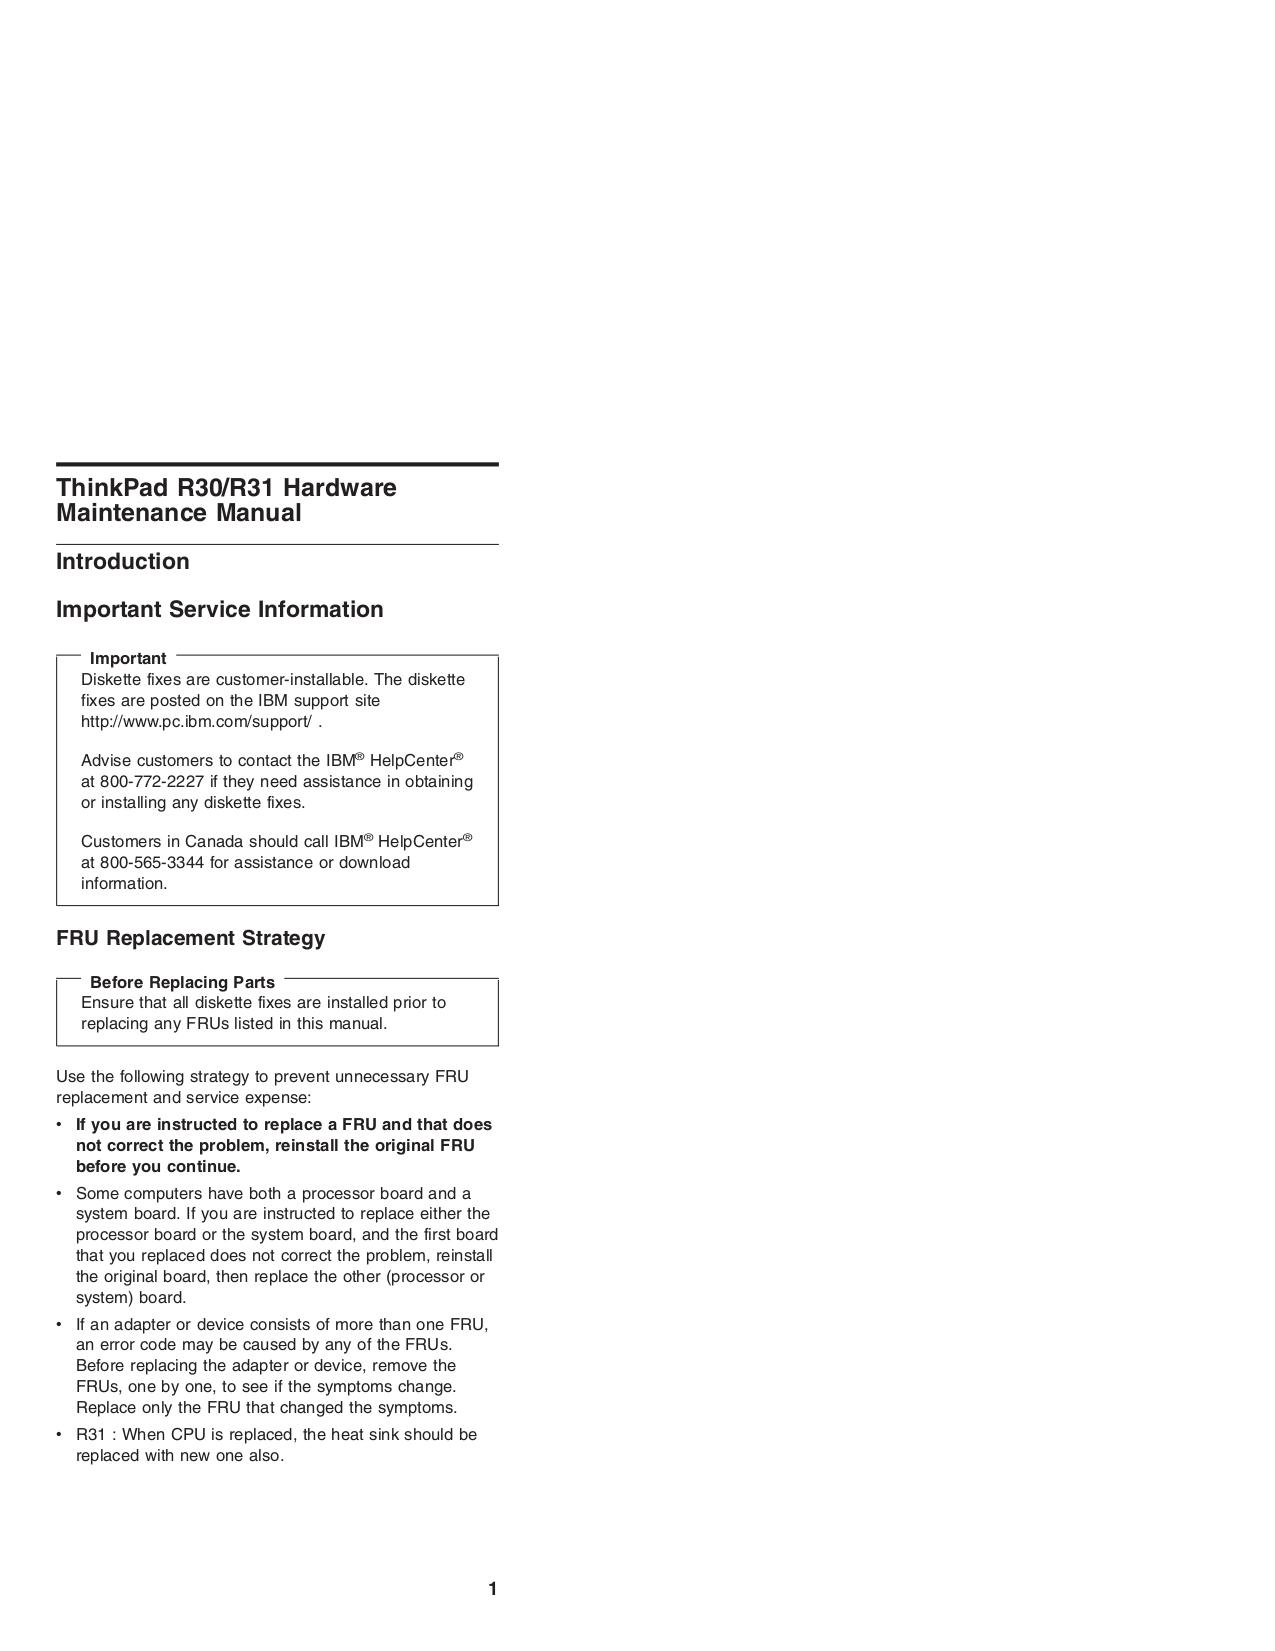 pdf manual for ibm laptop thinkpad r30 rh umlib com IBM ThinkPad R40 IBM ThinkPad R50